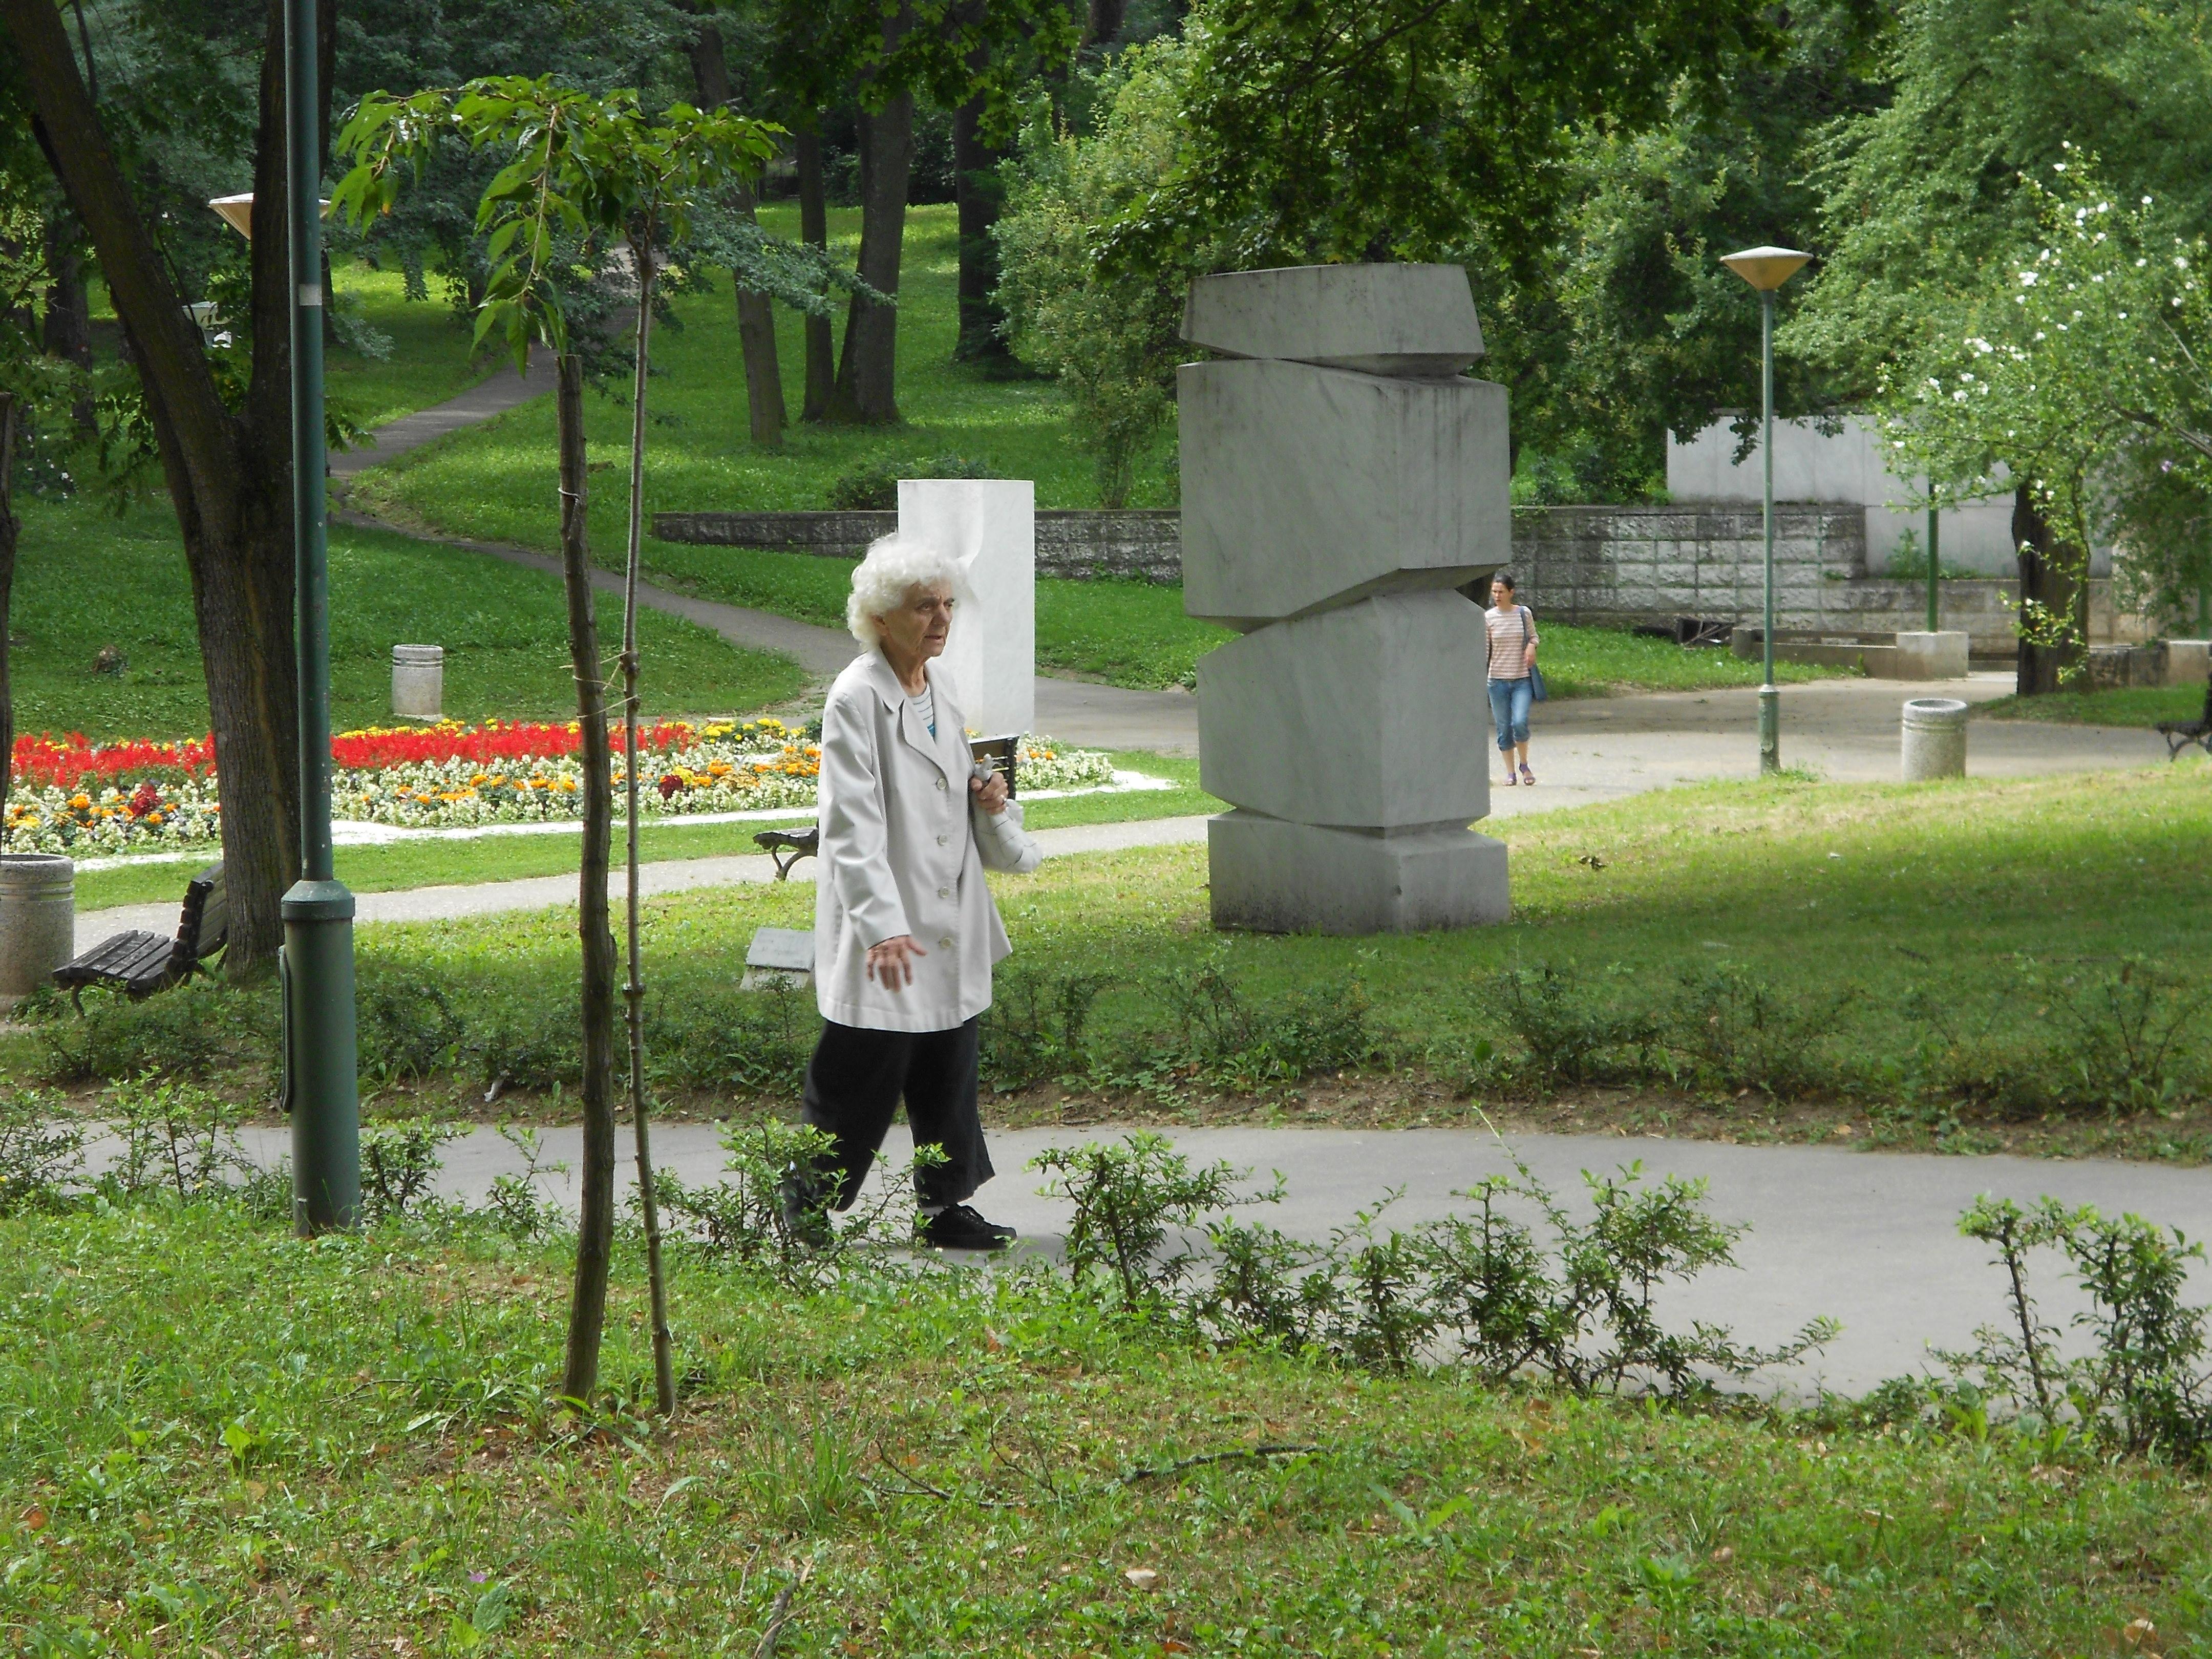 Poseta parku u Arandjelovcu